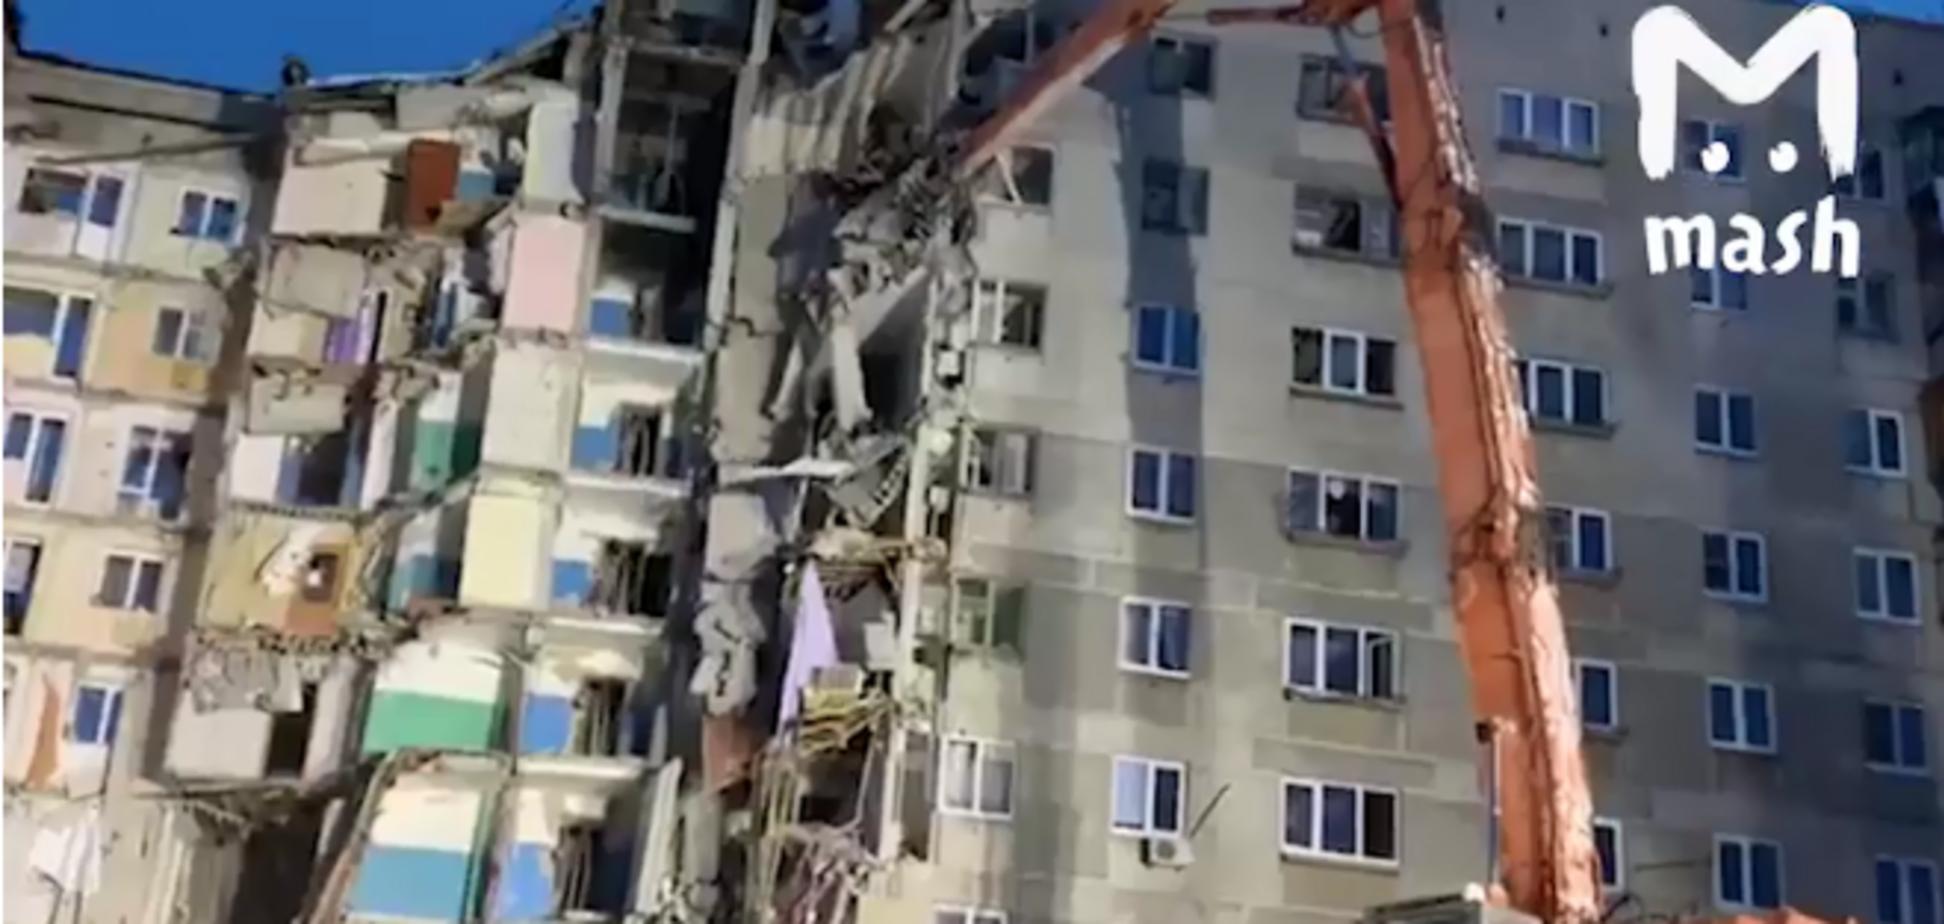 Смертельный взрыв в Магнитогорске: жуткий снос подъезда попал на видео